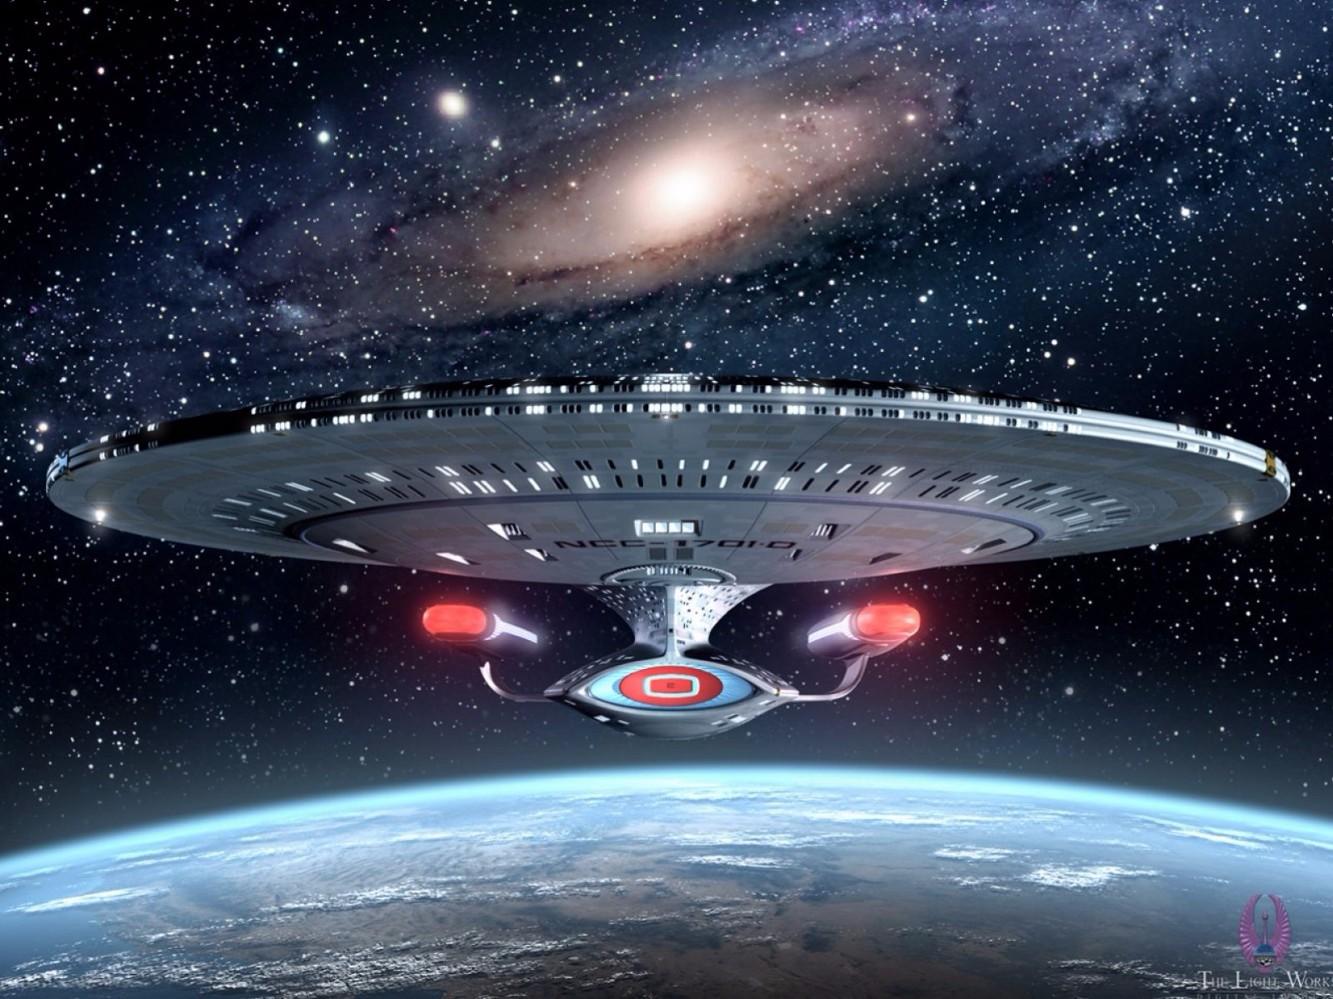 一部虛構未來時空的電影,描寫 James Tiberius Kirk 與企業號的星際冒險故事。